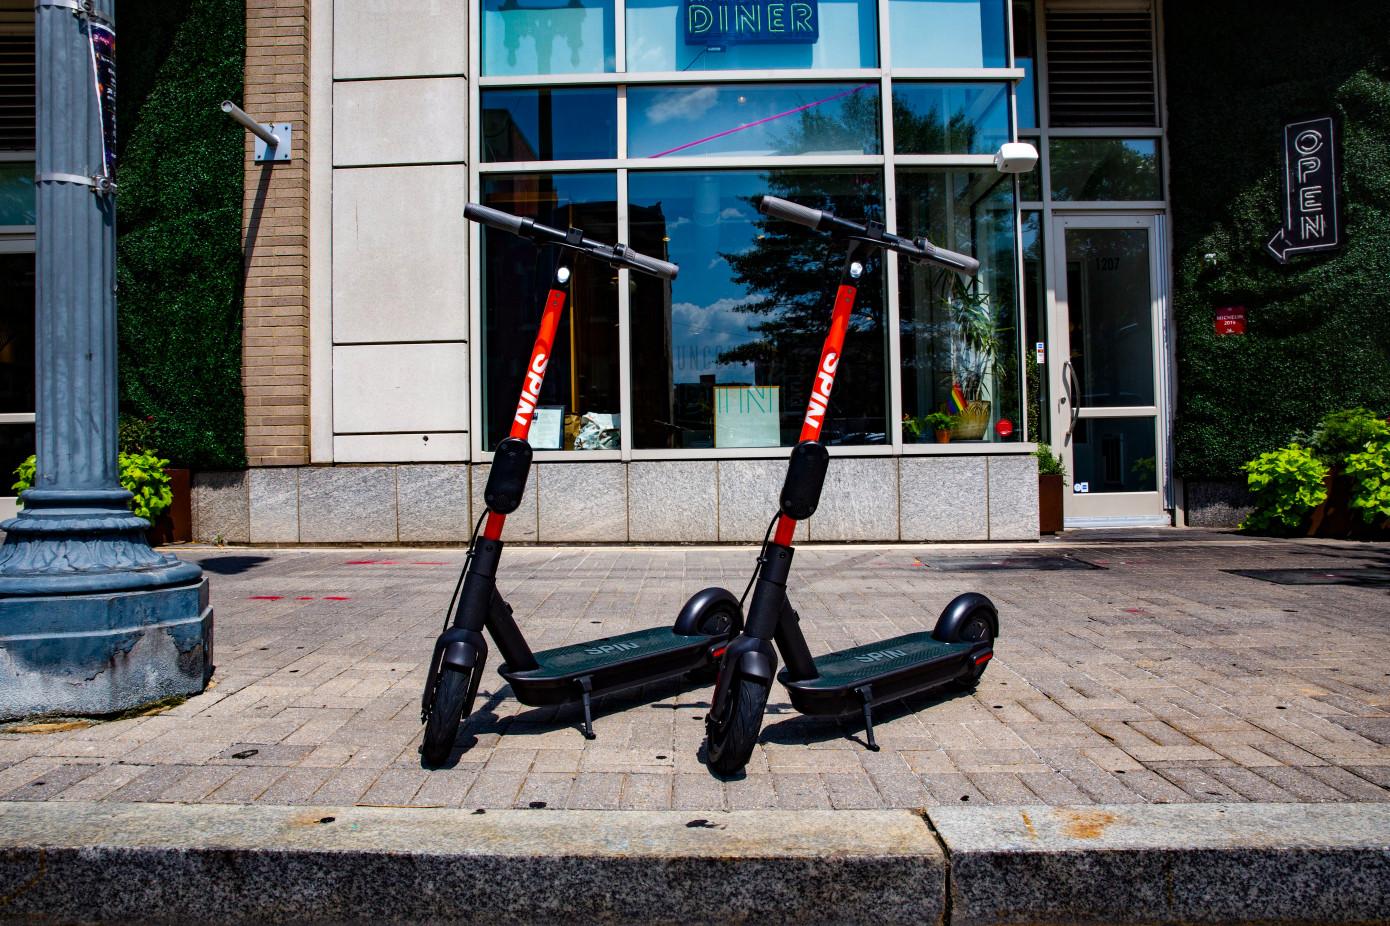 Spin, propiedad de Ford, está trayendo un scooter eléctrico más resistente a docenas de ciudades